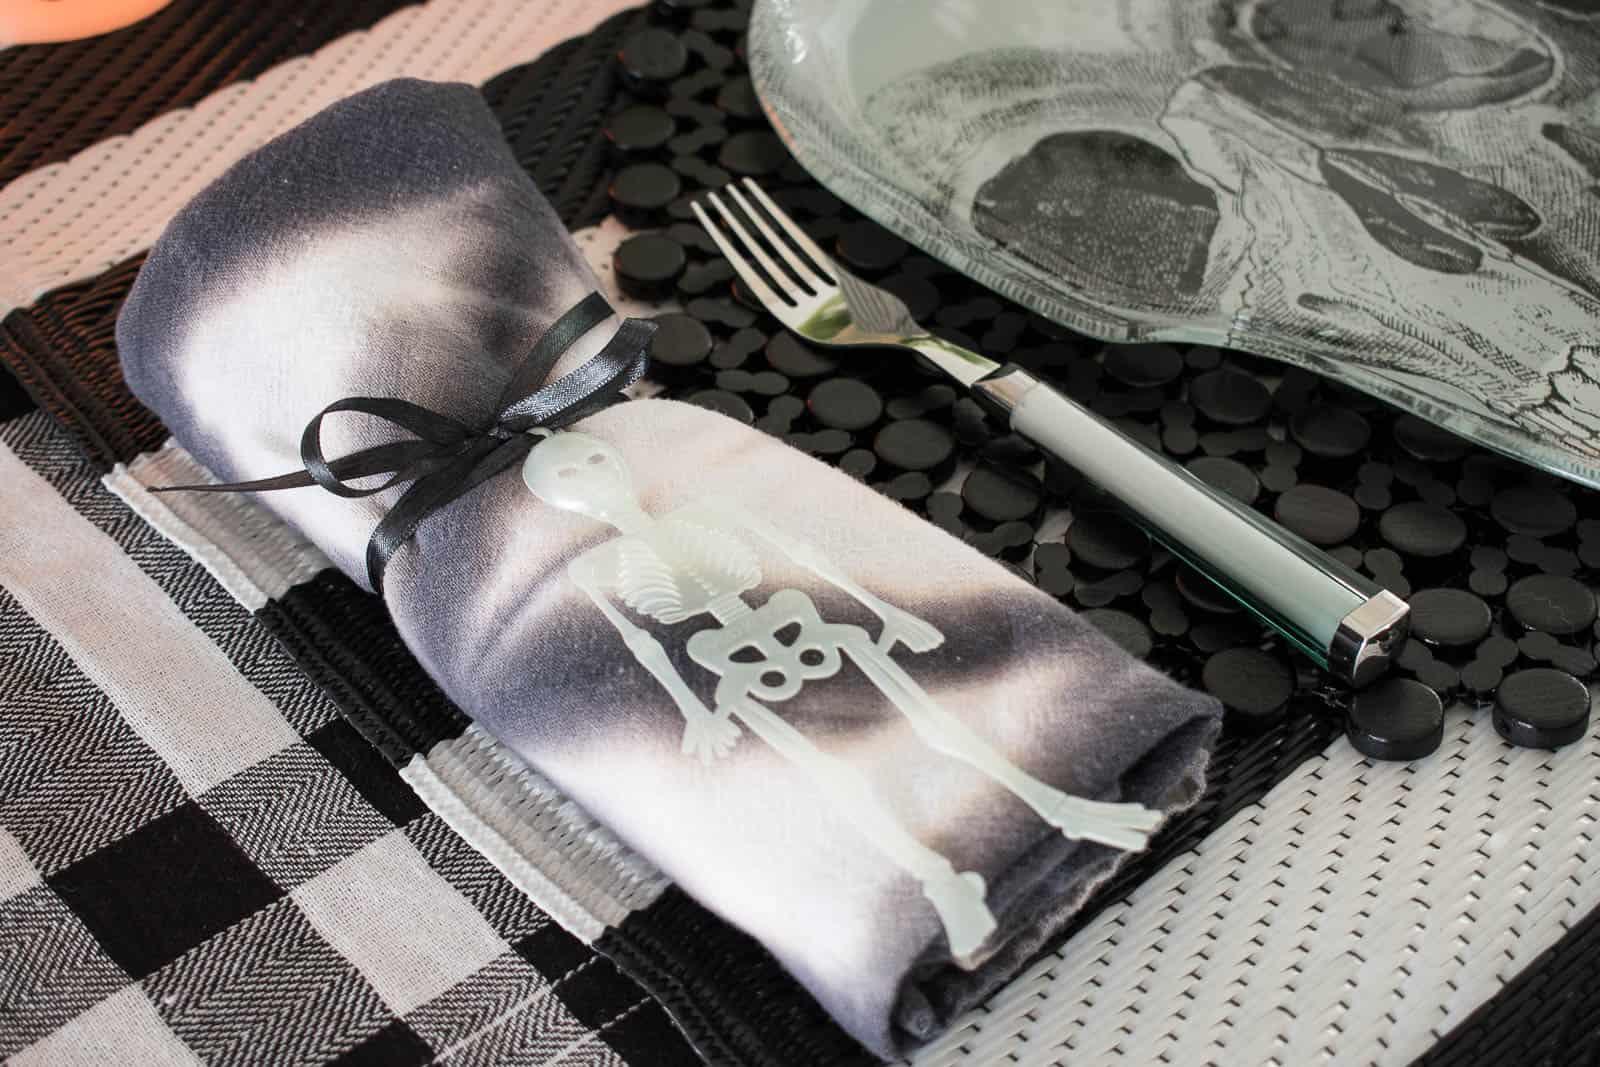 shibori dyed napkins